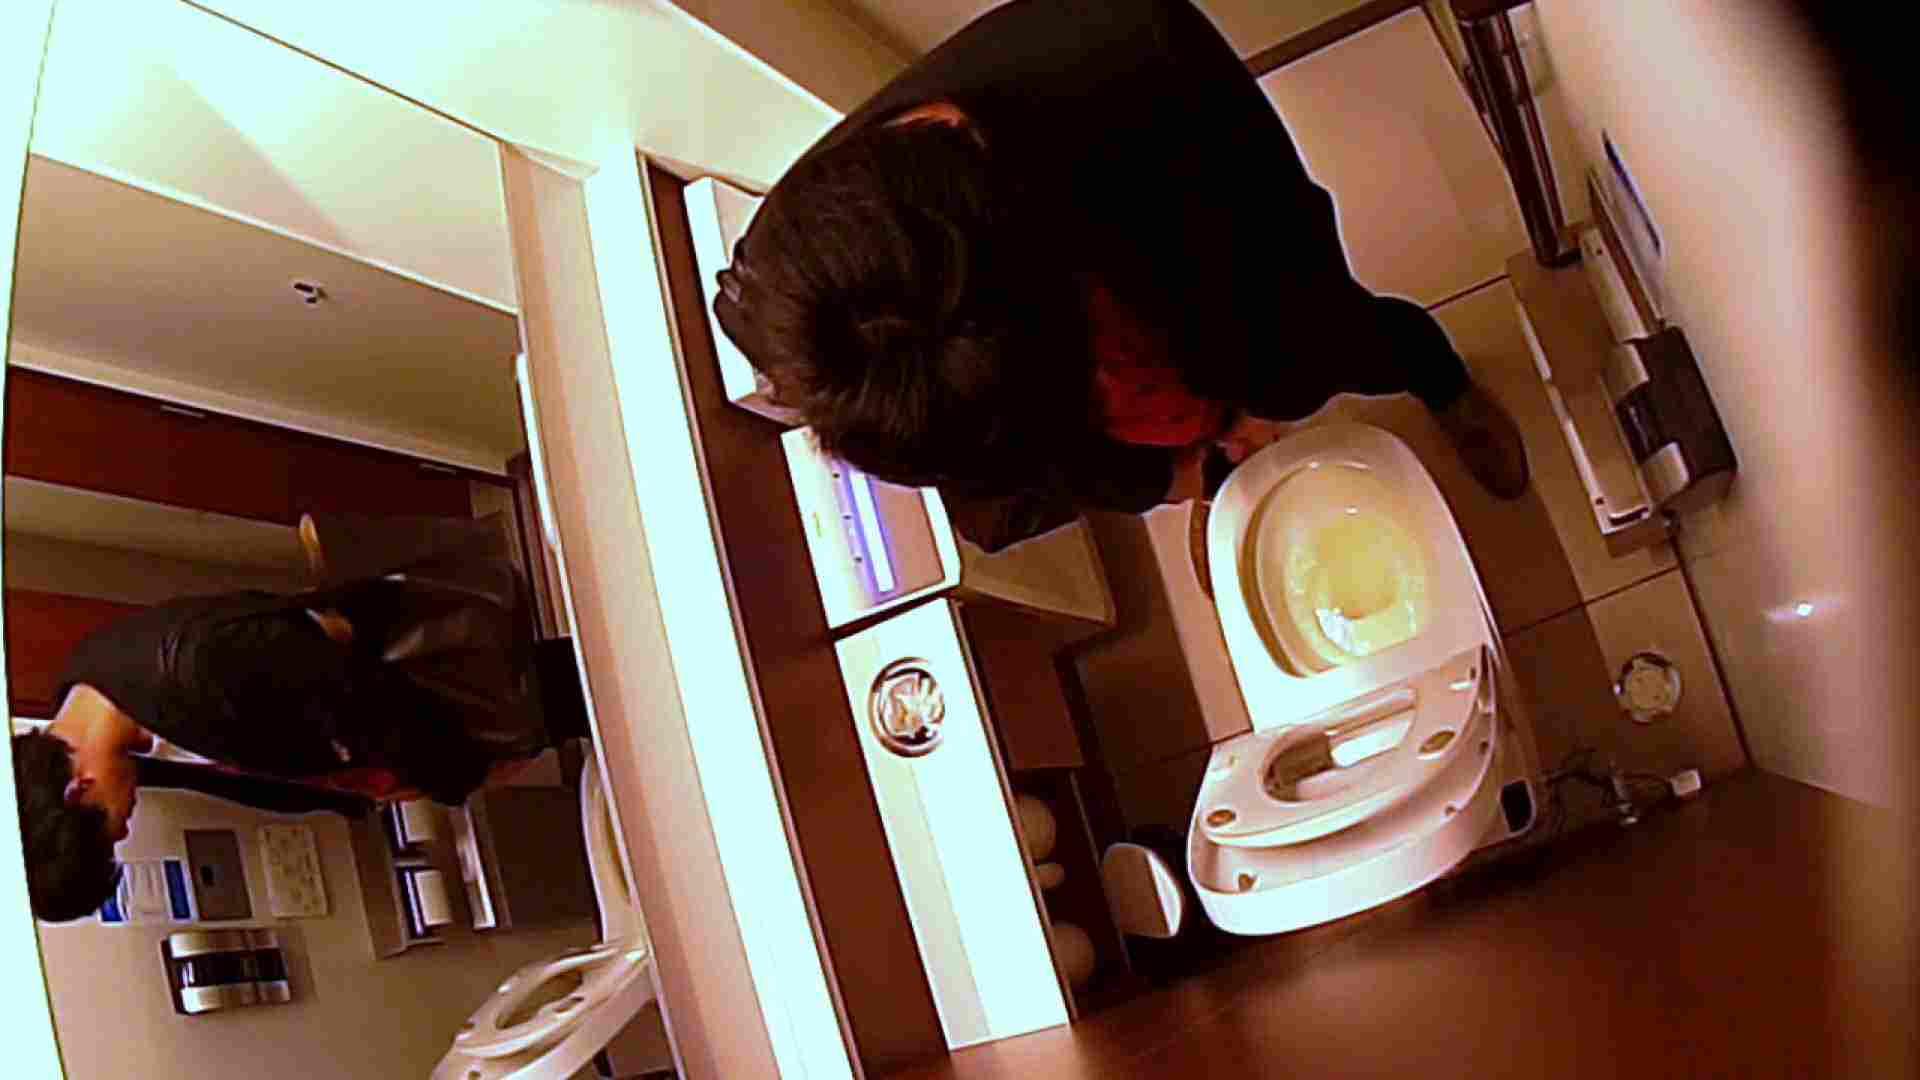 すみませんが覗かせてください Vol.32 トイレ  61連発 30